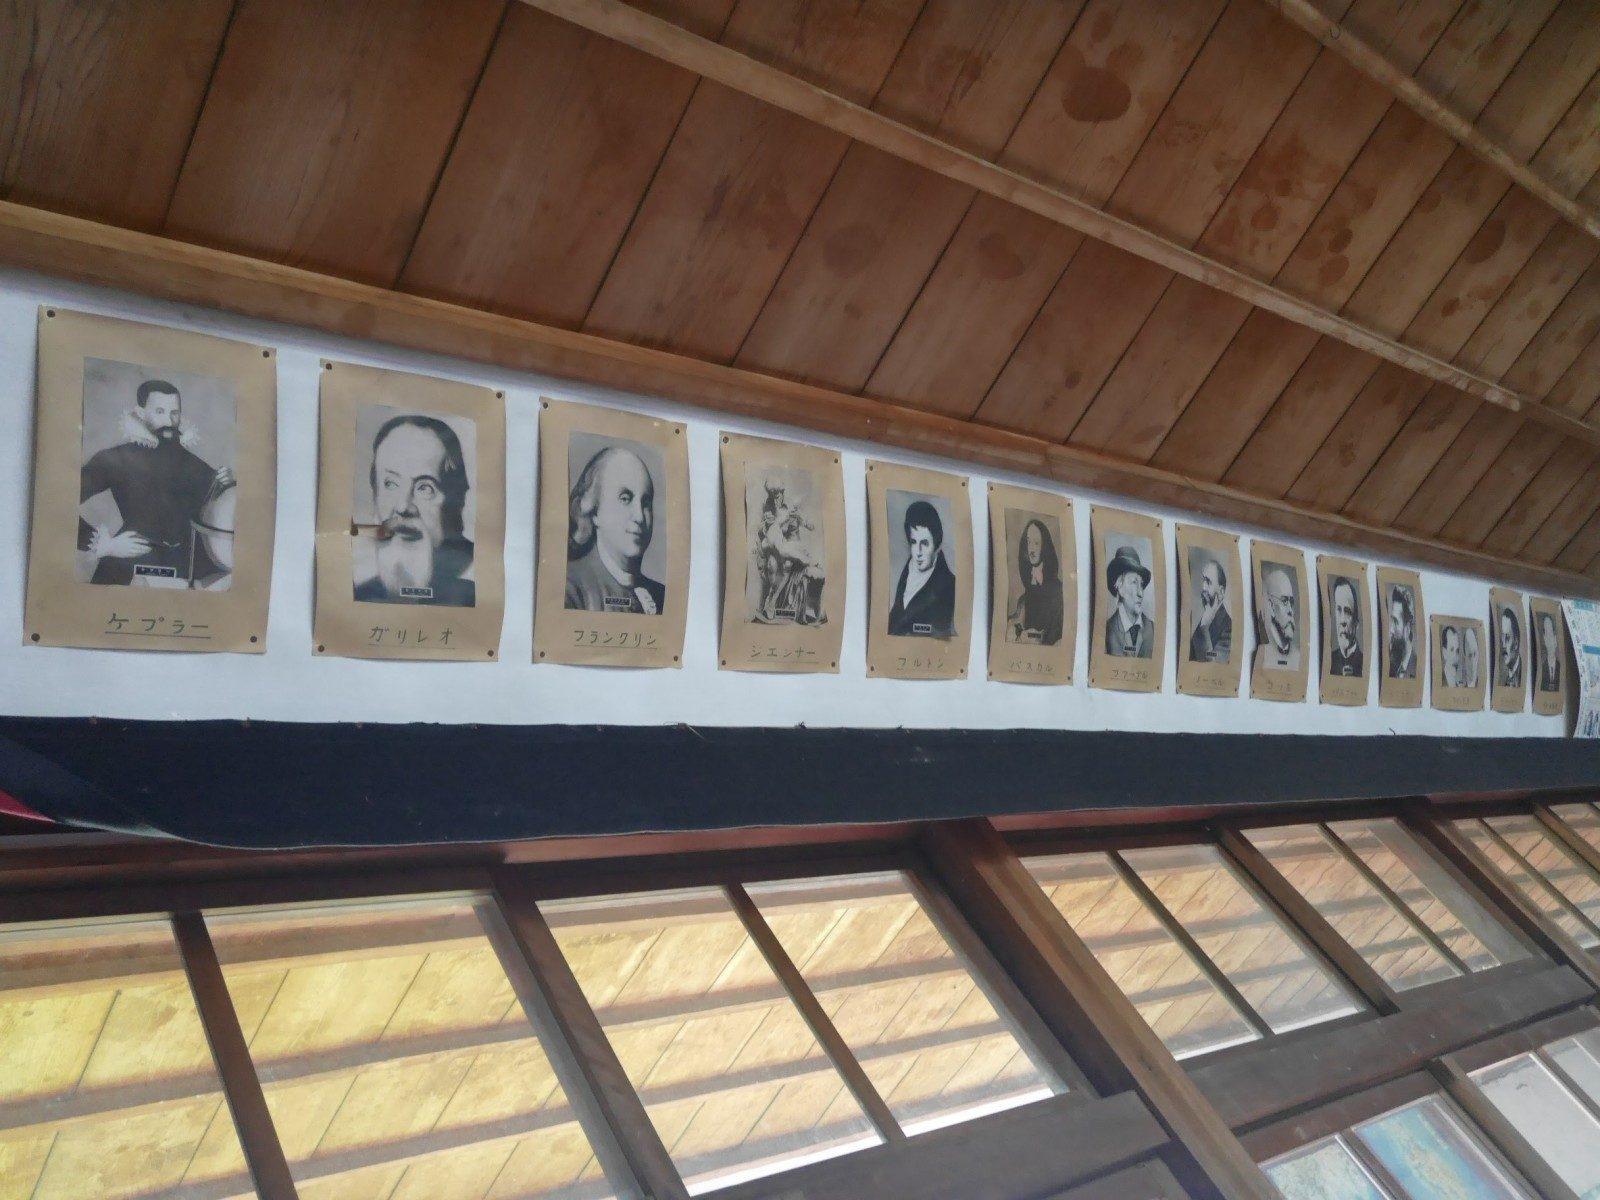 奈良県宇陀市にある廃校カフェ!ワールドメイプルパーク「Cafeカエデ」で給食ランチはどう?